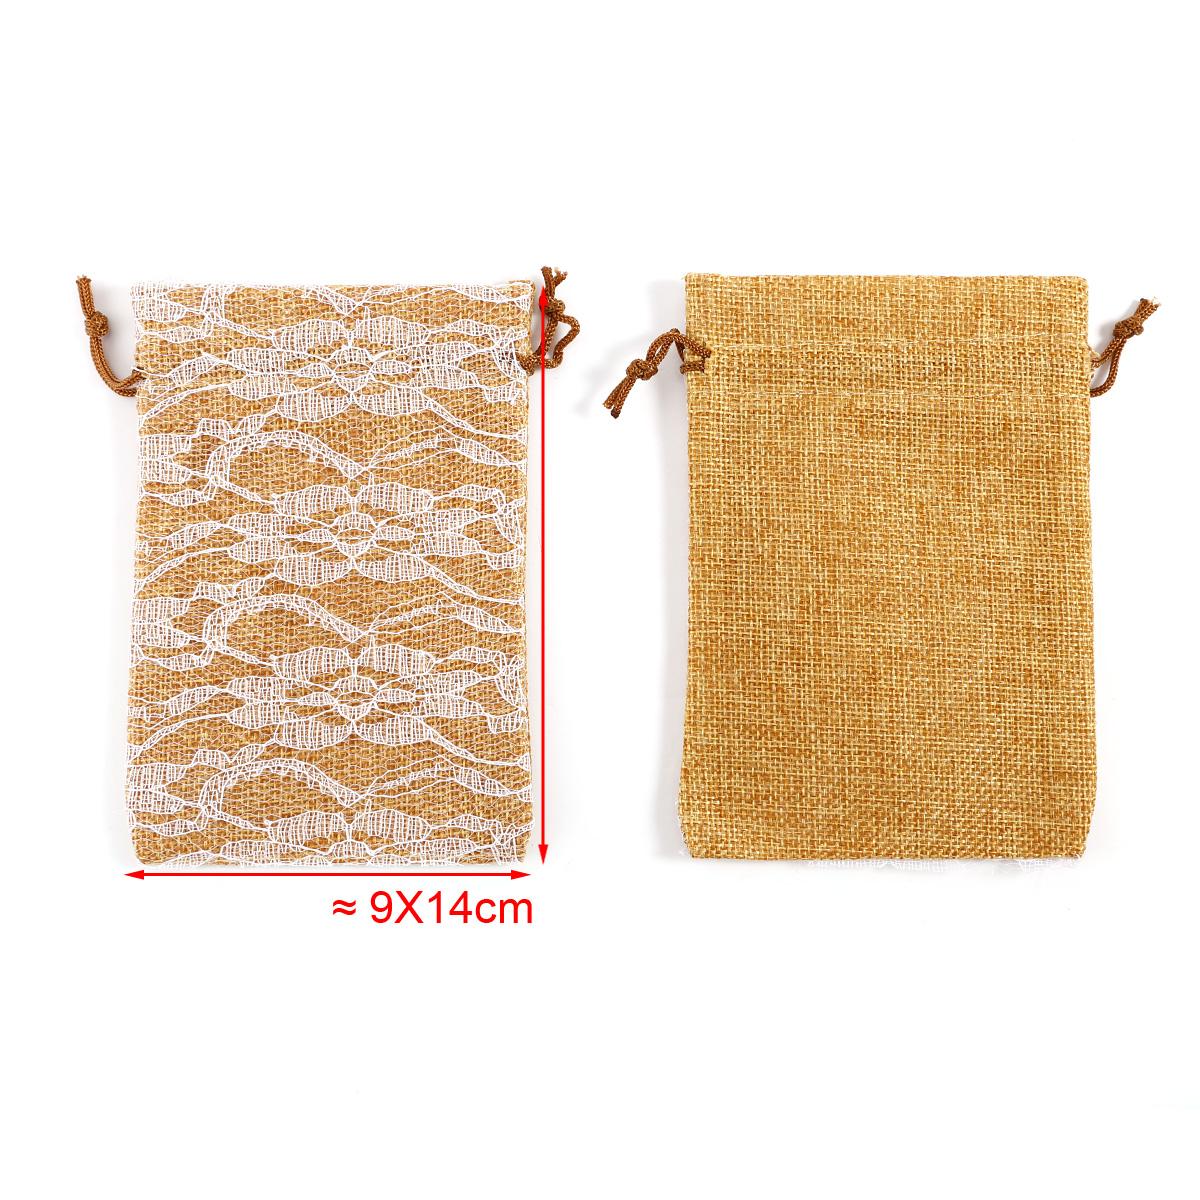 Bolsa de organza bolsitas de tela de saco con encaje para - Bolsitas de tela de saco ...